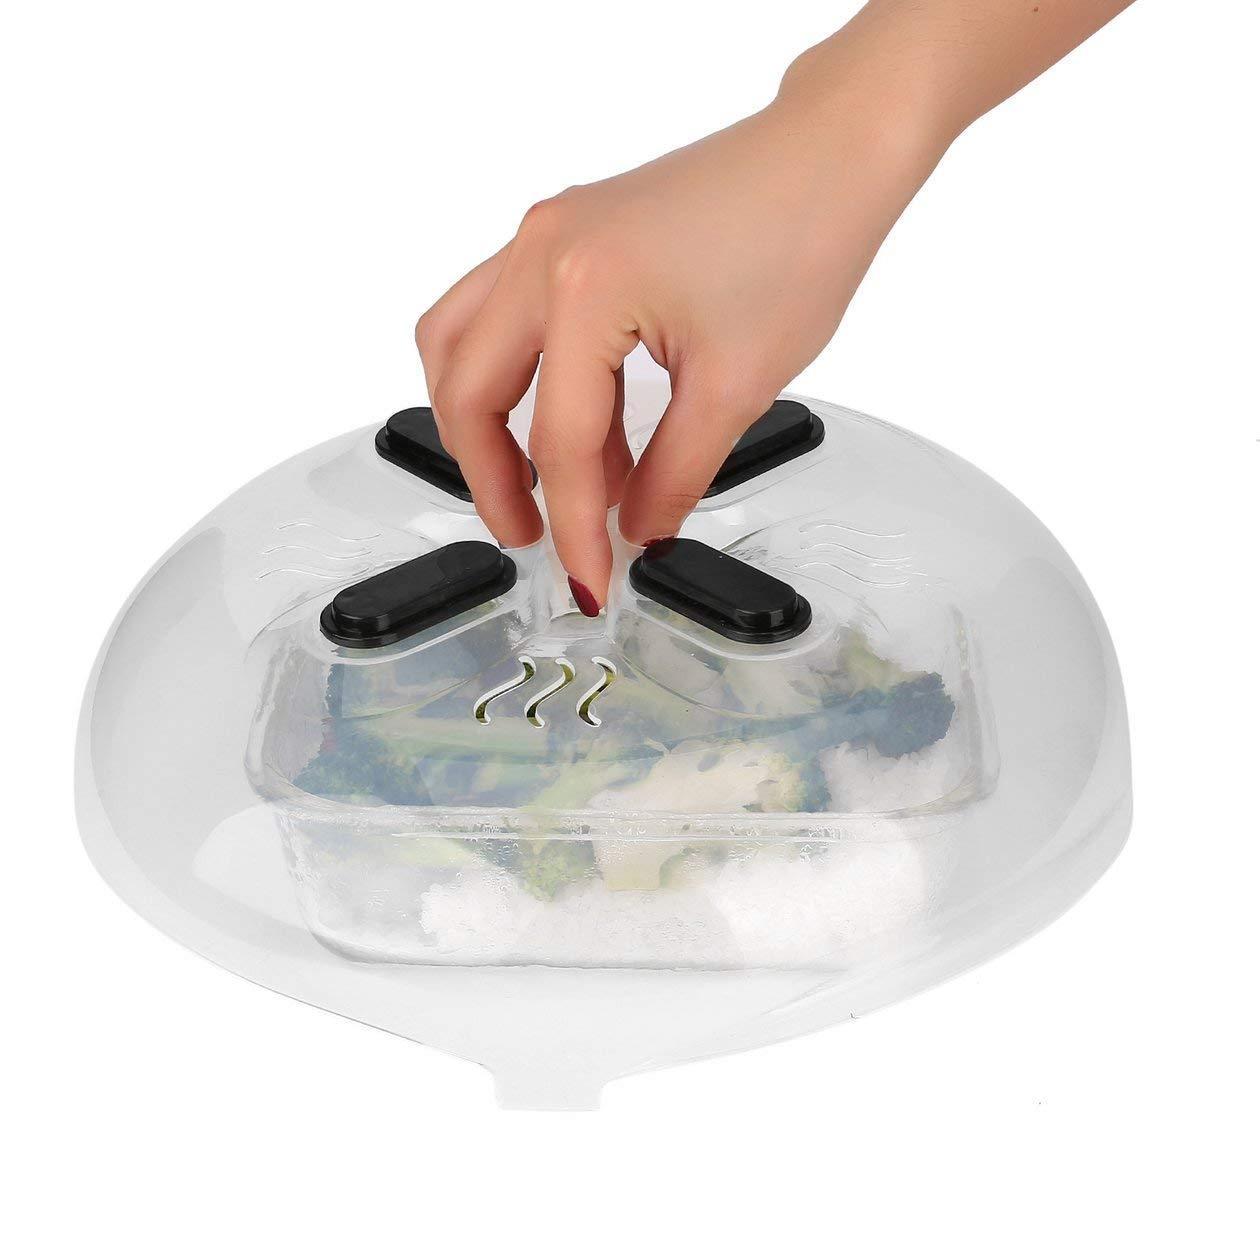 Pratico magnete per alimenti Protezione antispruzzo Microonde Hover Copertura antispruzzo Sfiati di vapore Coperchio per schizzi domestici Resistente al calore colore: trasparente